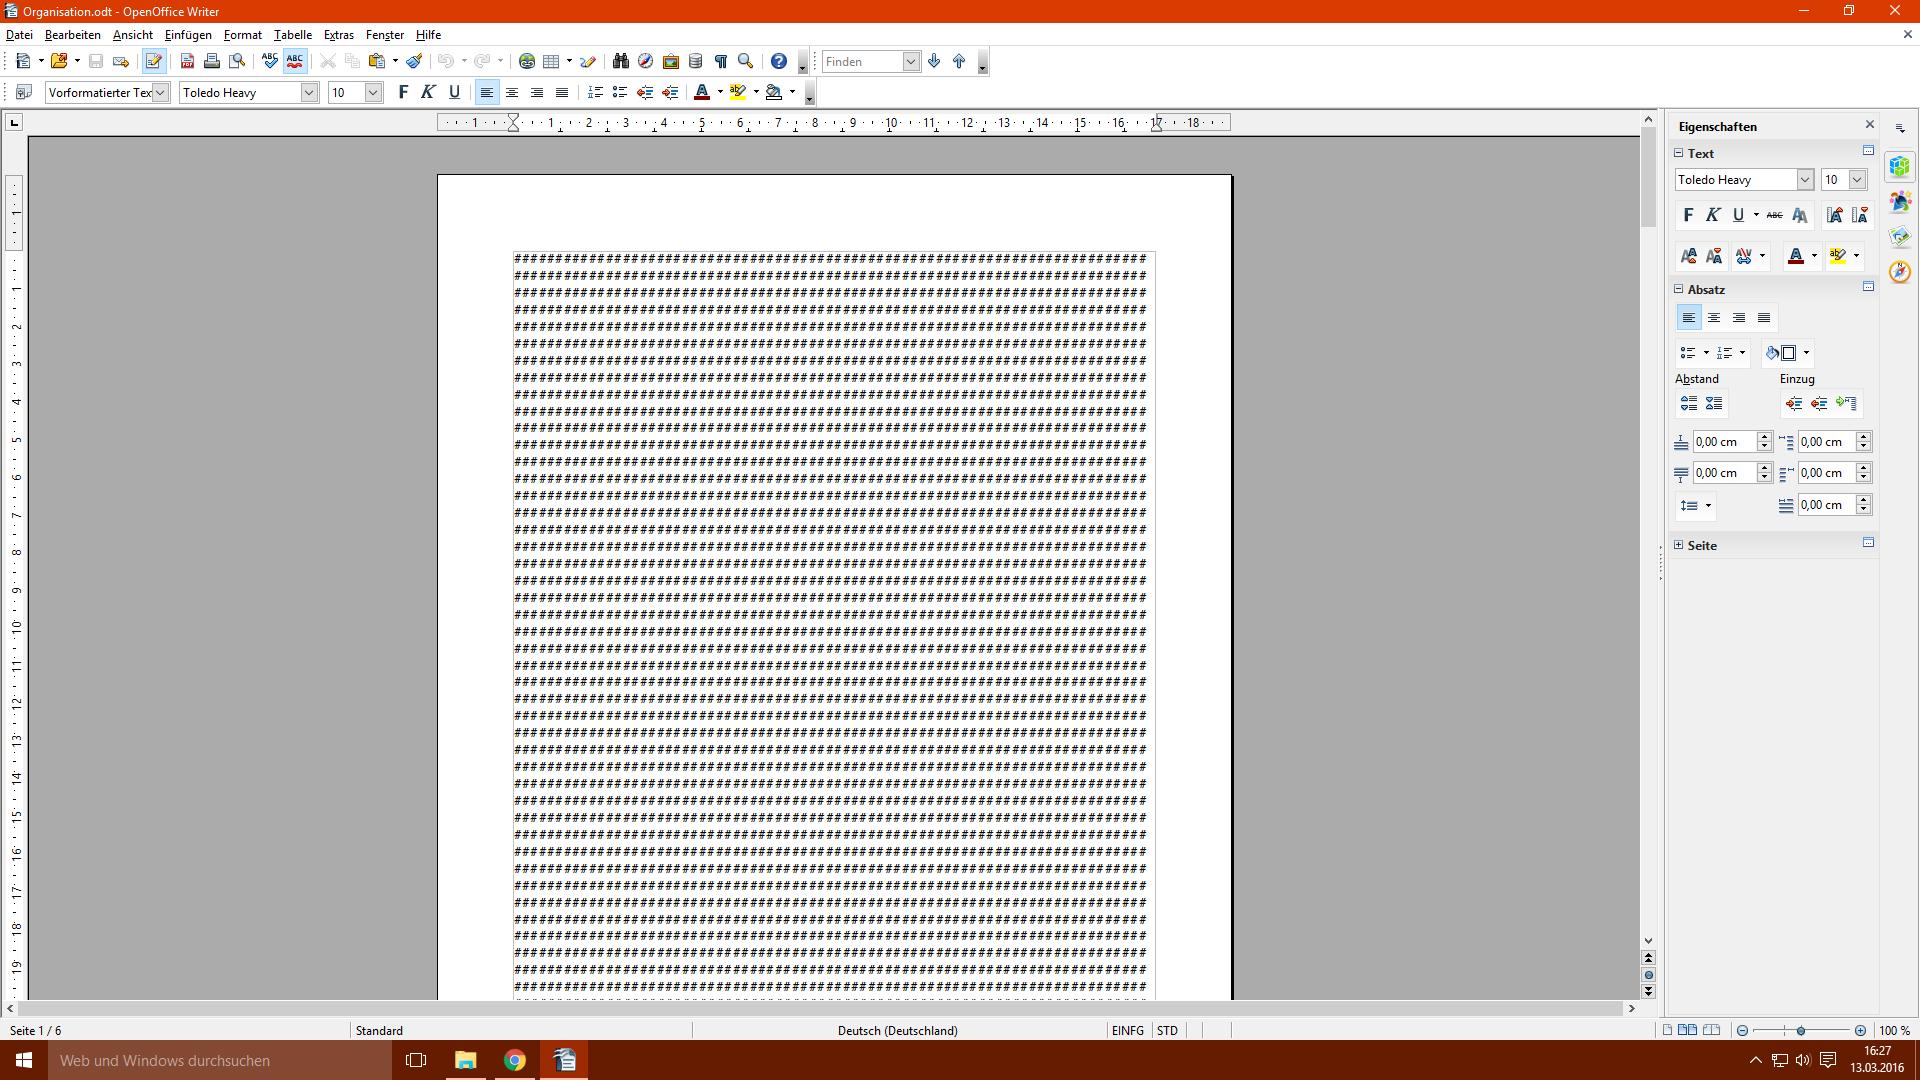 Kann Ich Dieses Open Office Dokument Wieder Herstellen Text